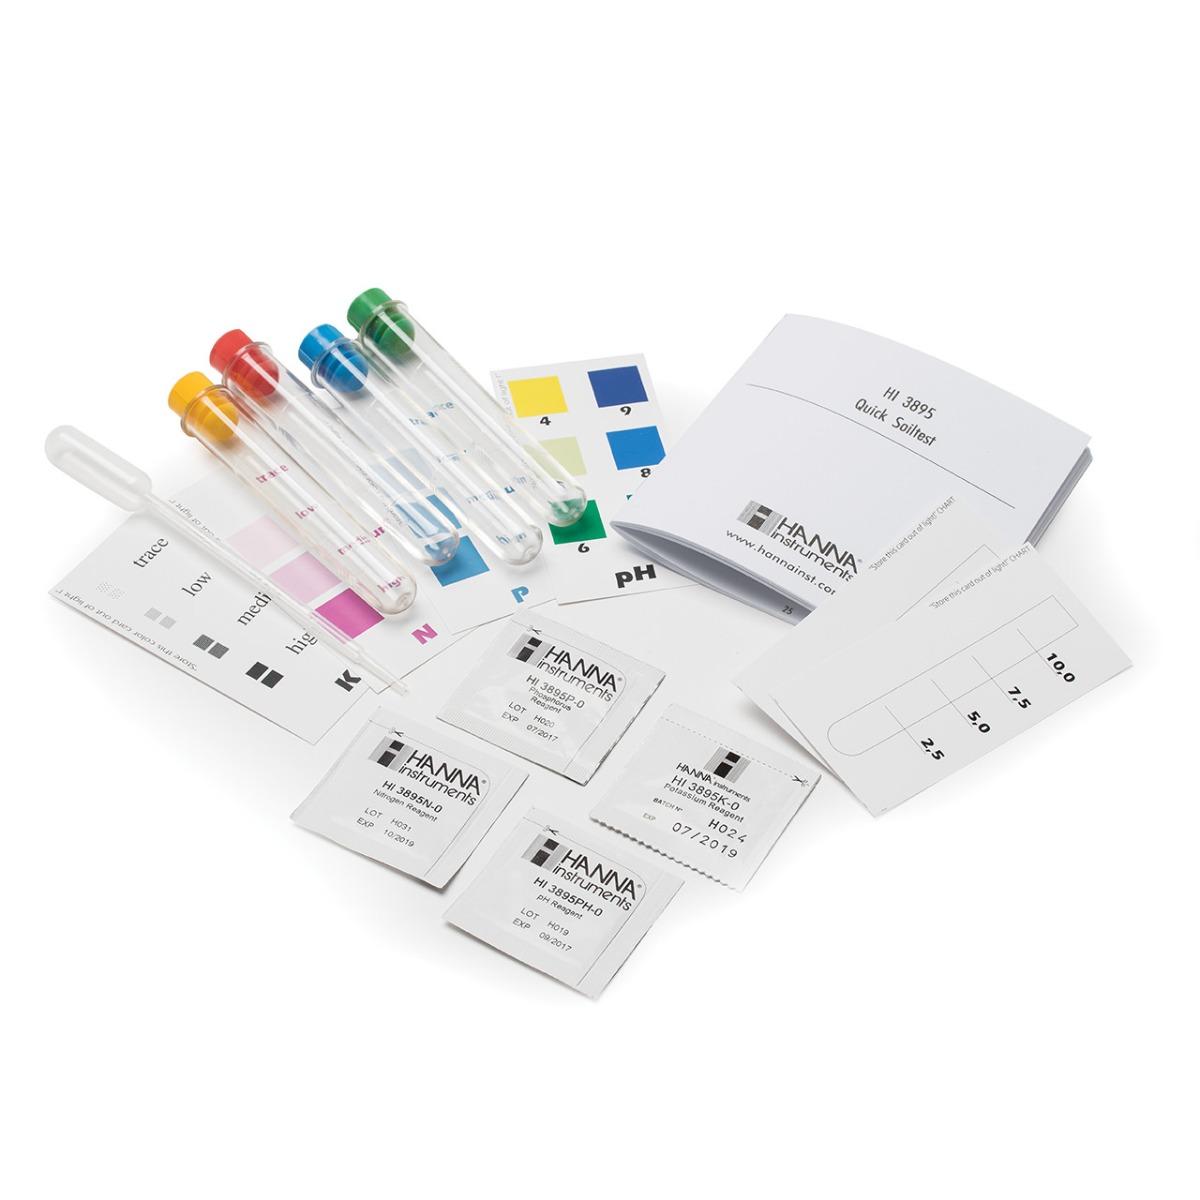 Kit Químico de Pruebas para Suelo NPK (10 pruebas cada uno) - HI3895